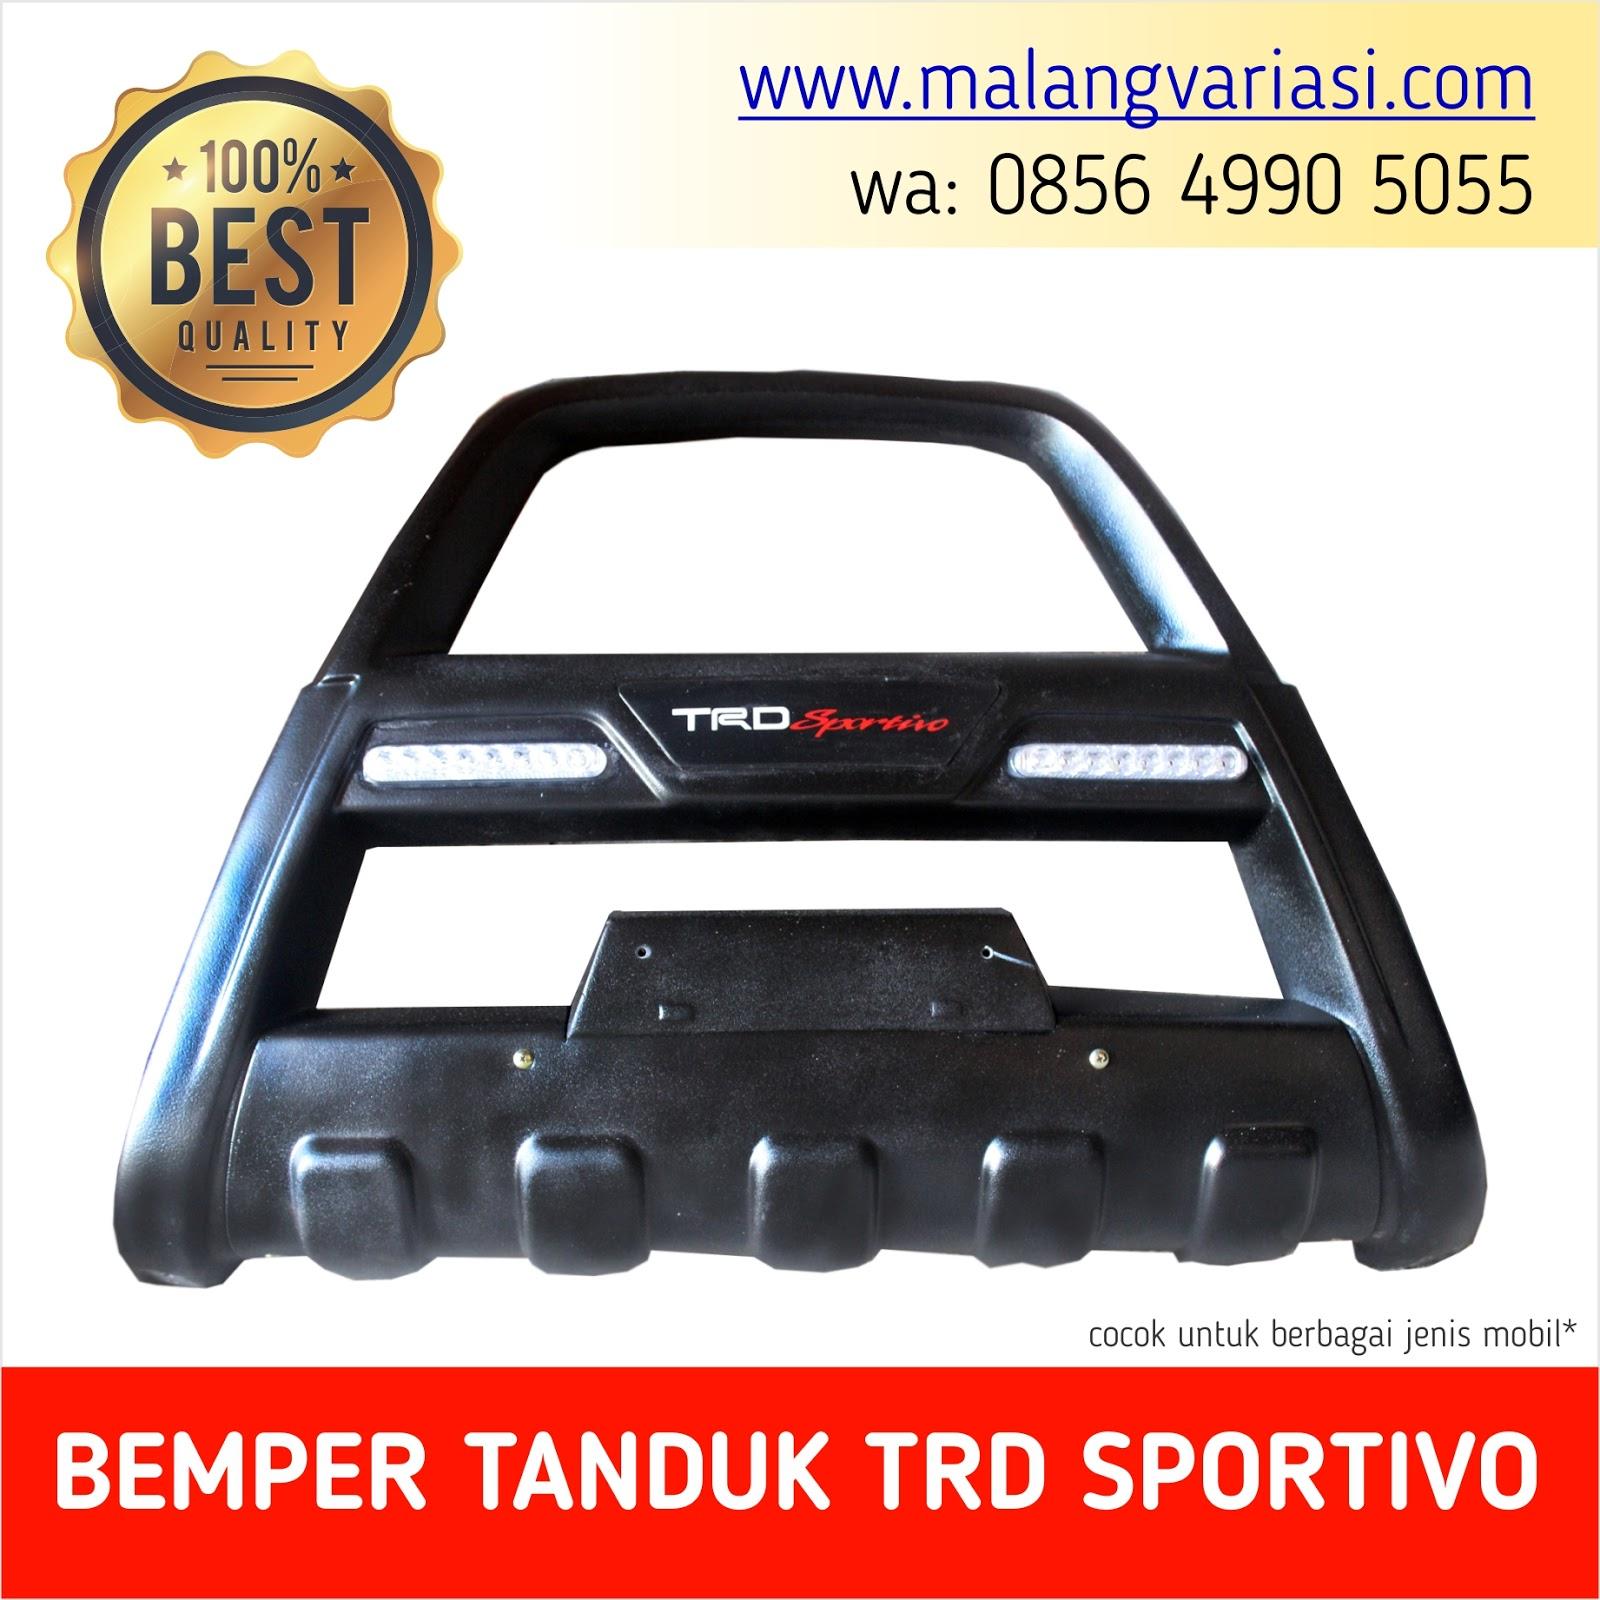 Jual Bemper Tanduk Trd Sportivo Fortuner Pajero Pusat